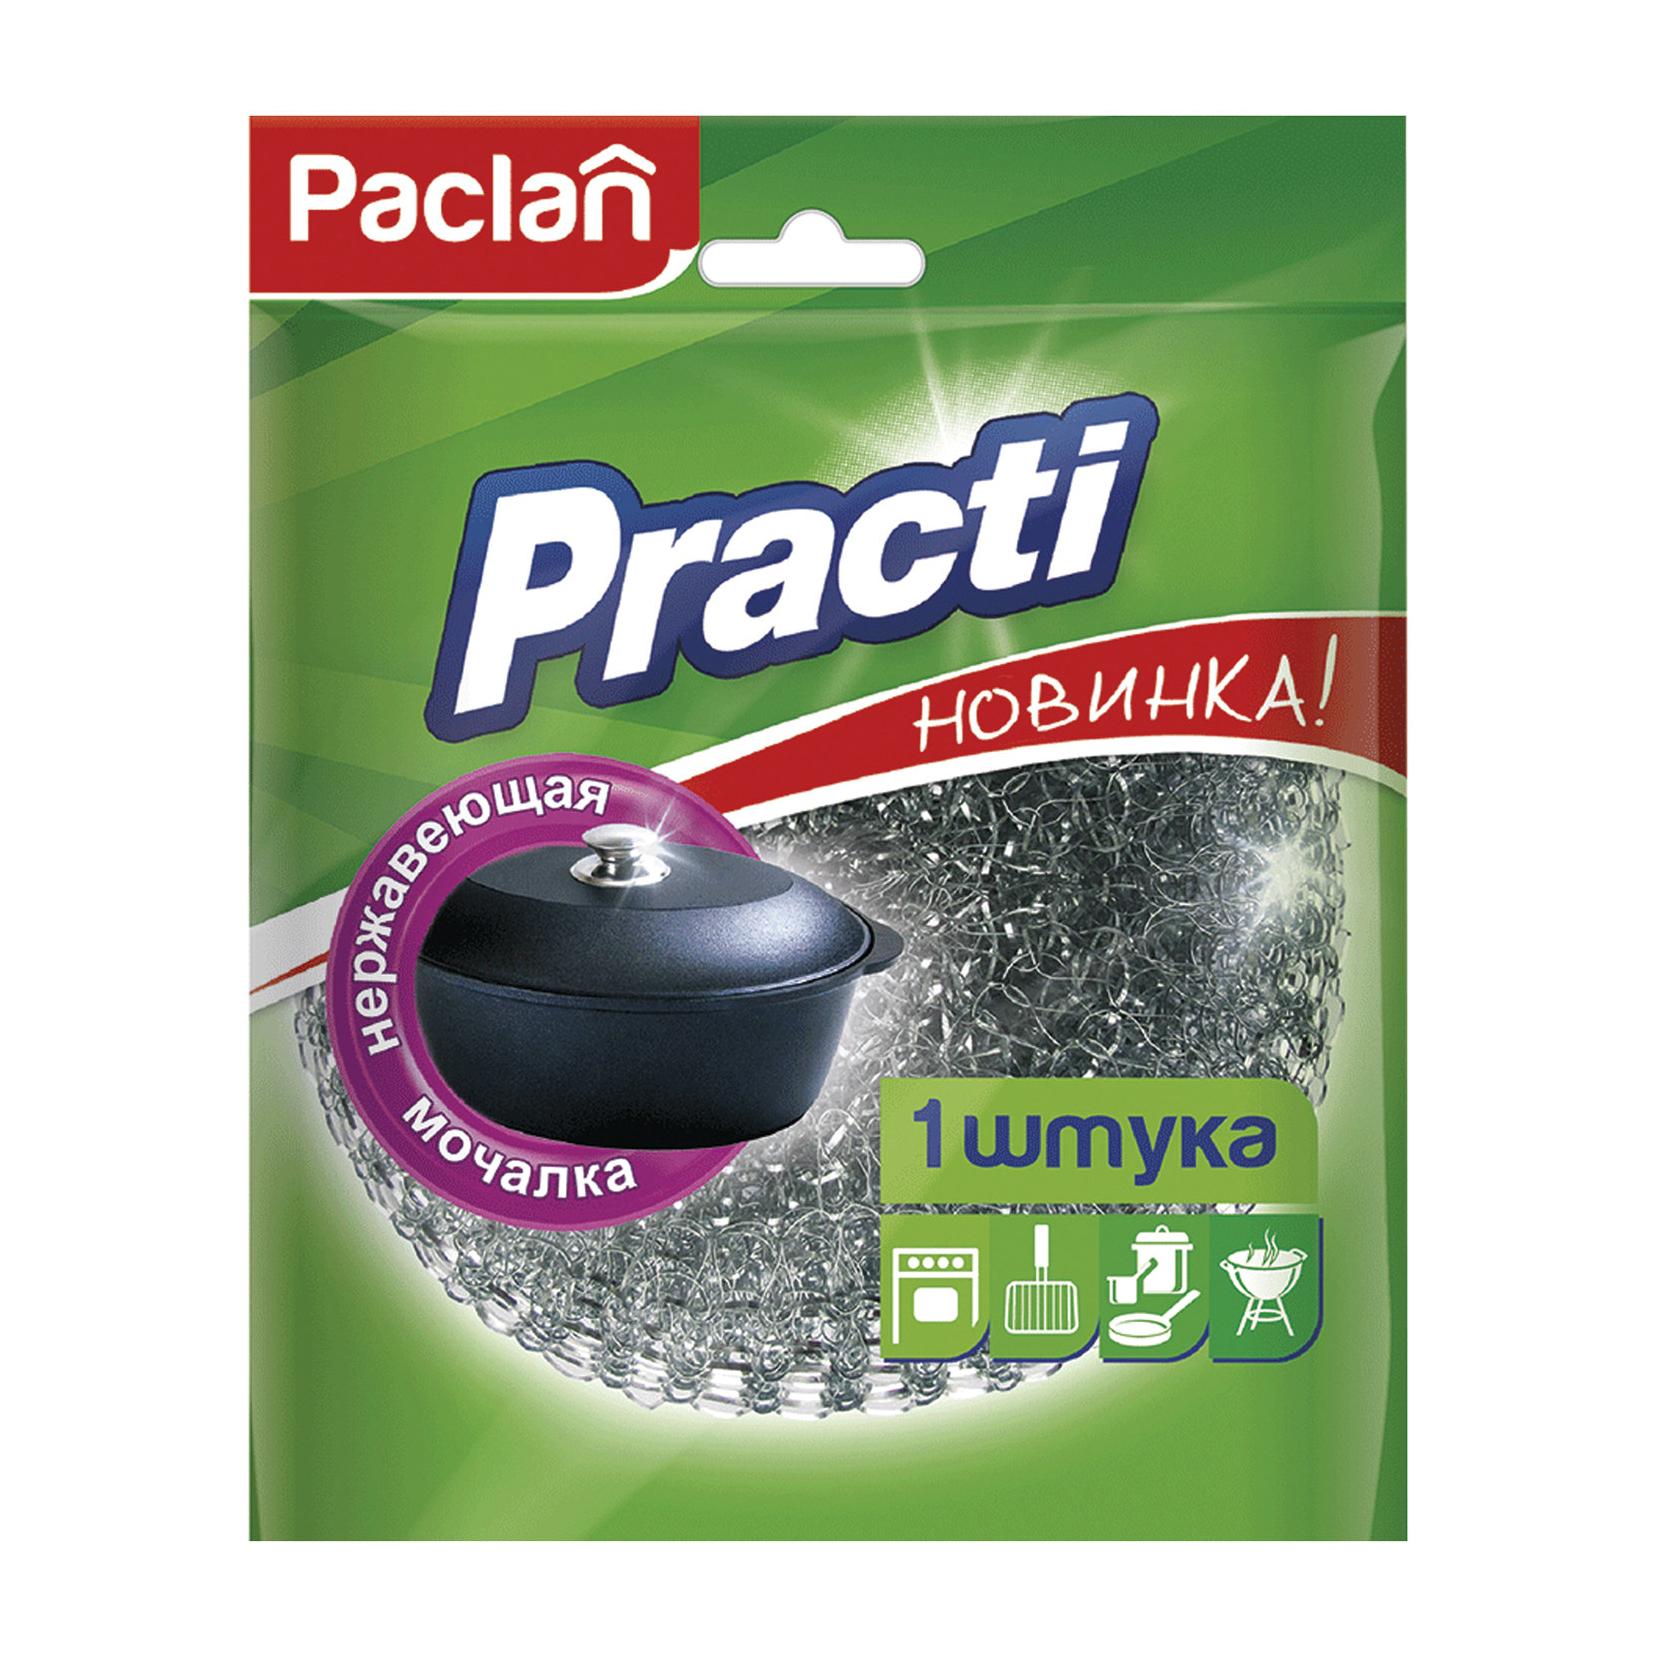 Мочалка для посуды металическая Paclan Practi 1 шт хозяйственные товары paclan салфетки универсальные practi universal 38х40 см 4 шт